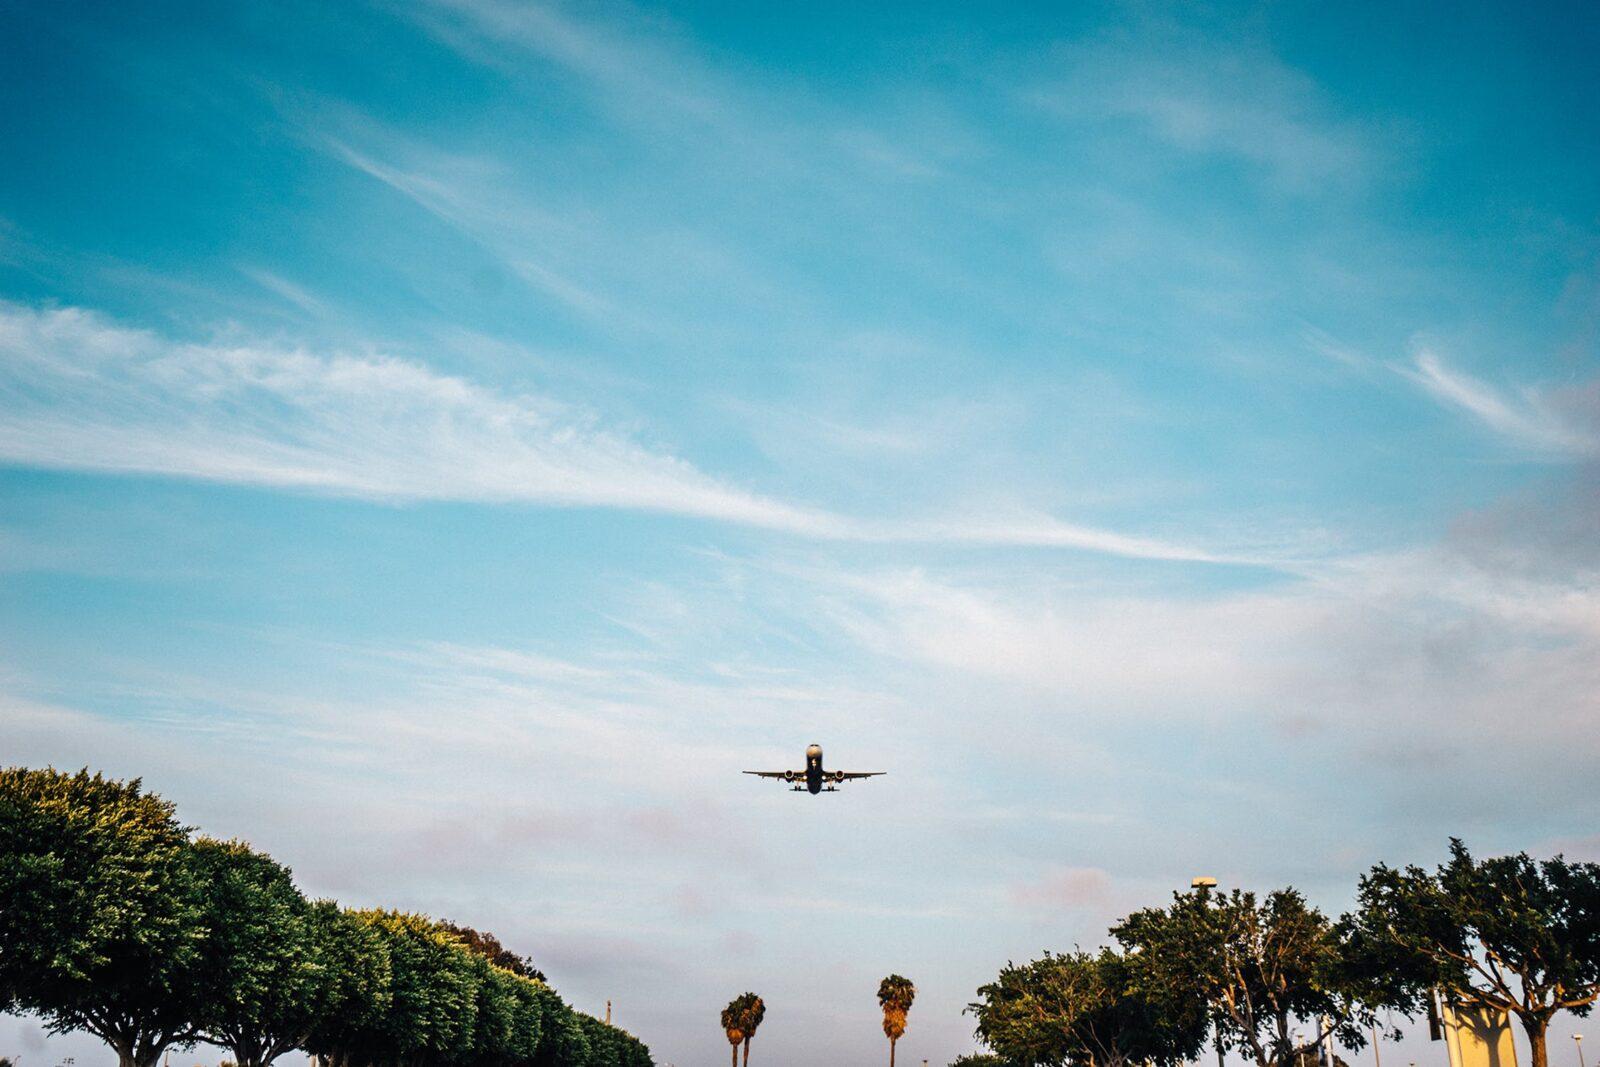 samolot lot niebo chmury przestworze drzewa zlotu ptaka